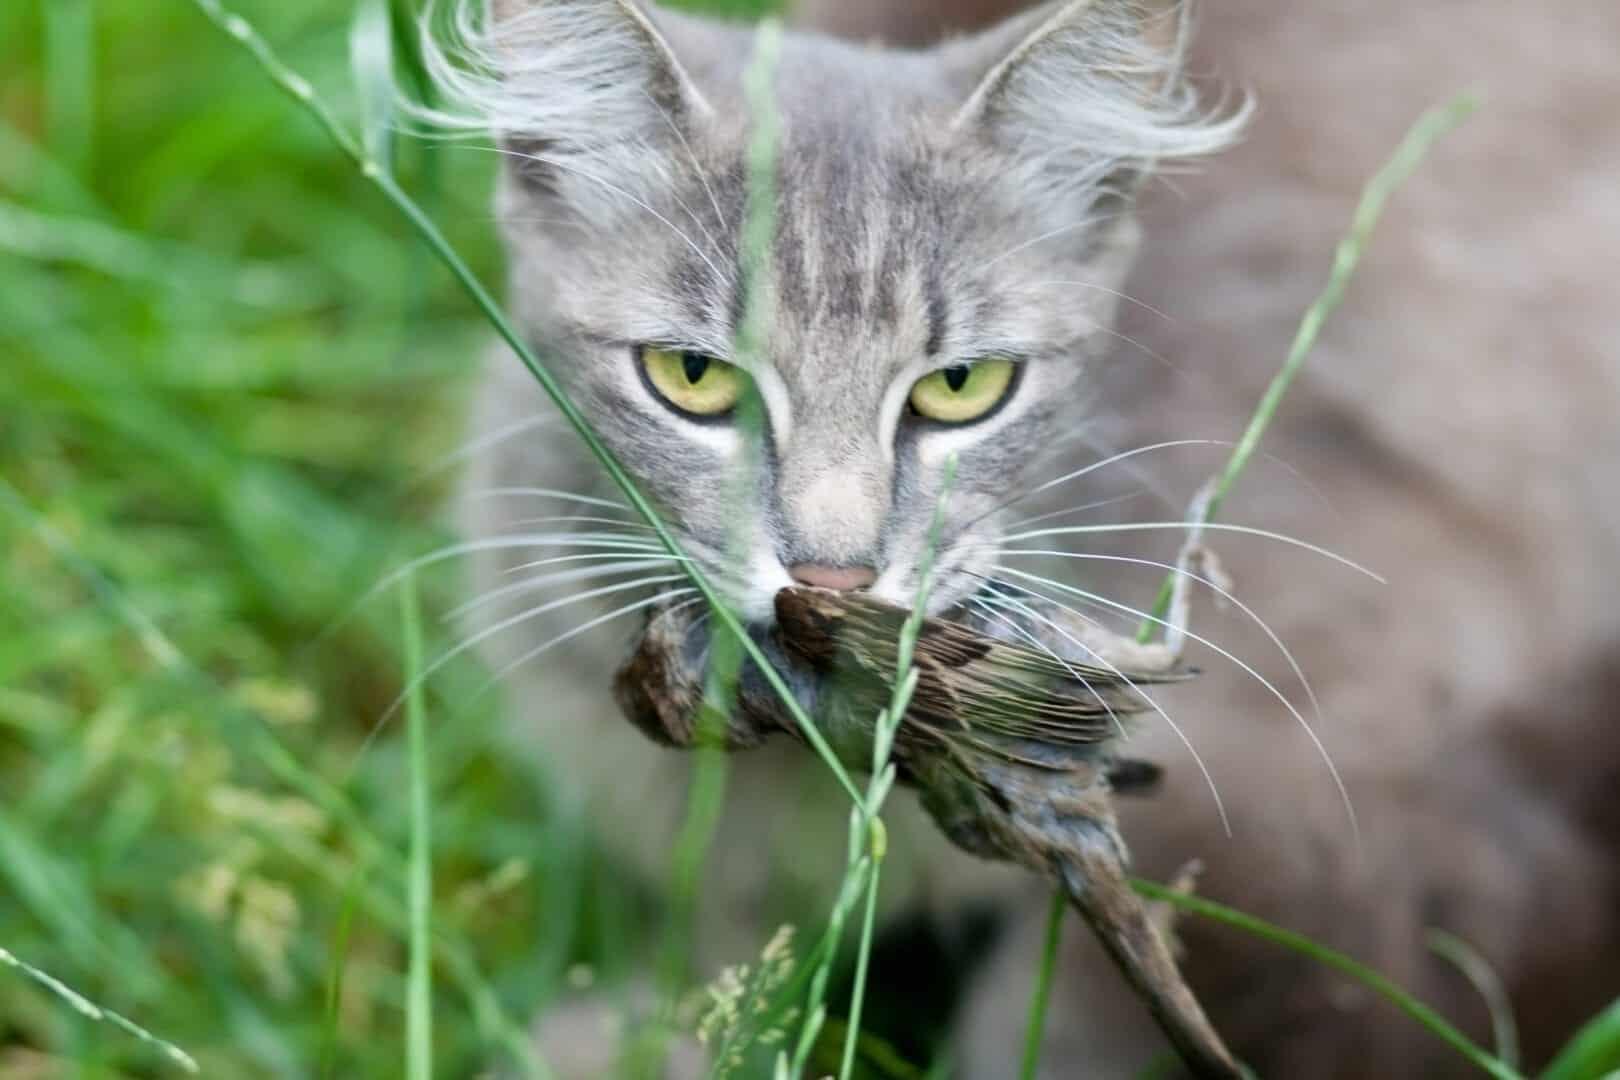 eat their prey